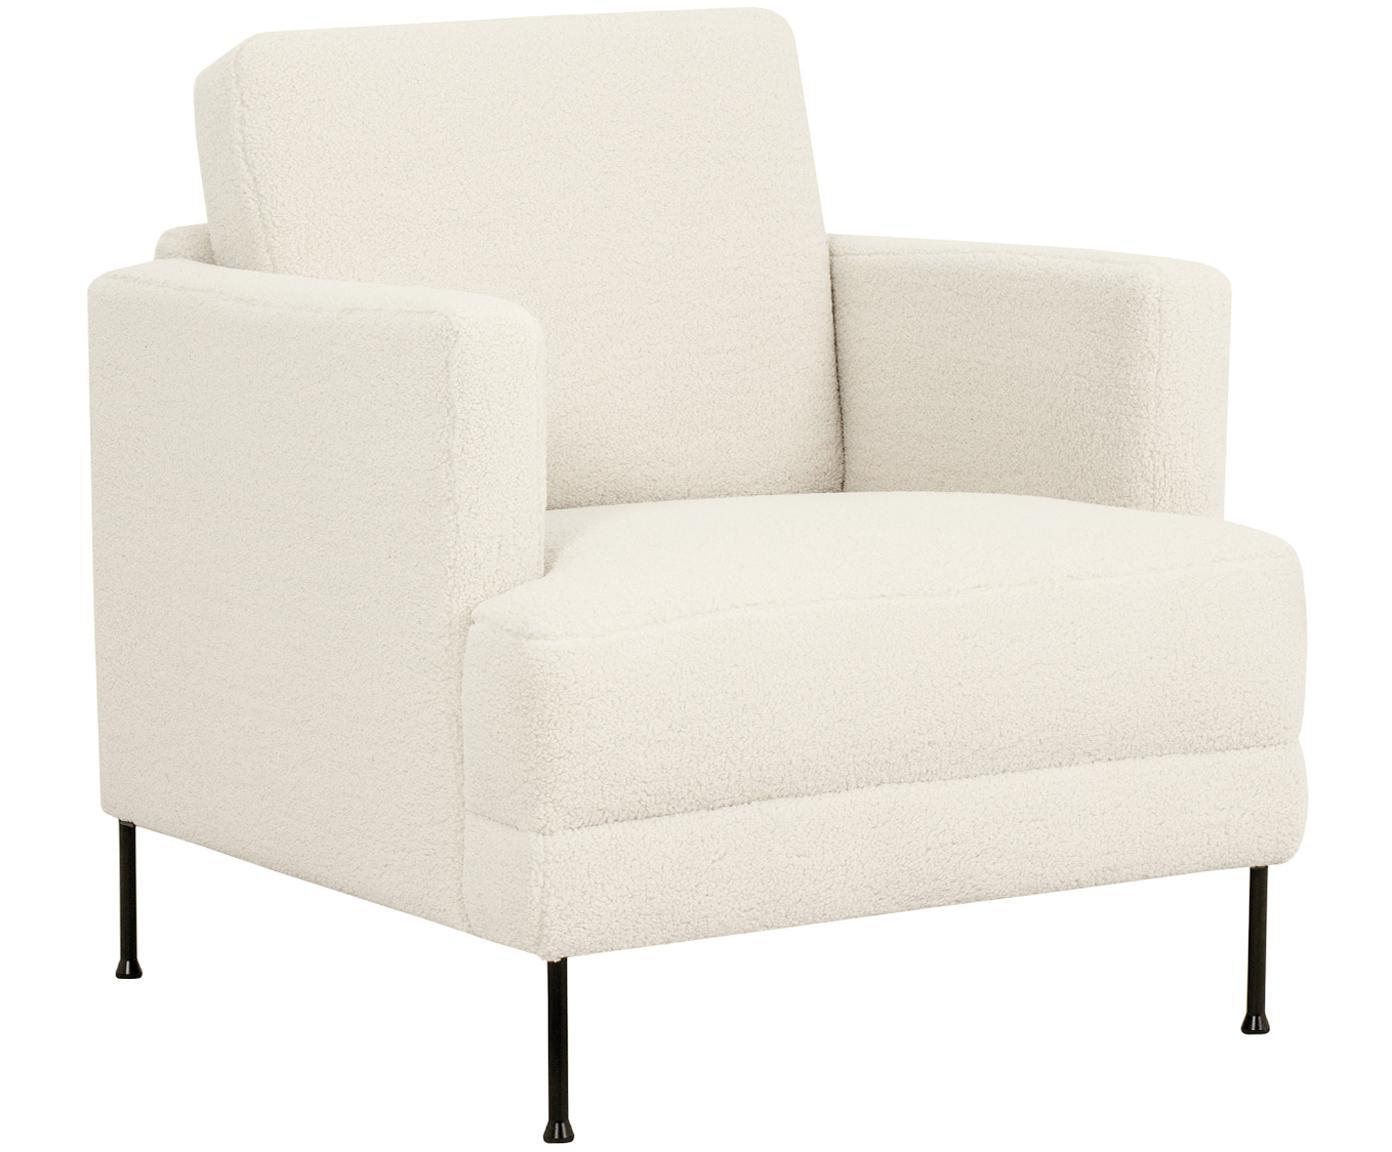 Teddy fauteuil Fluente, Bekleding: polyester (teddy), Frame: massief grenenhout, Poten: gelakt metaal, Cr, B 76 x D 83 cm